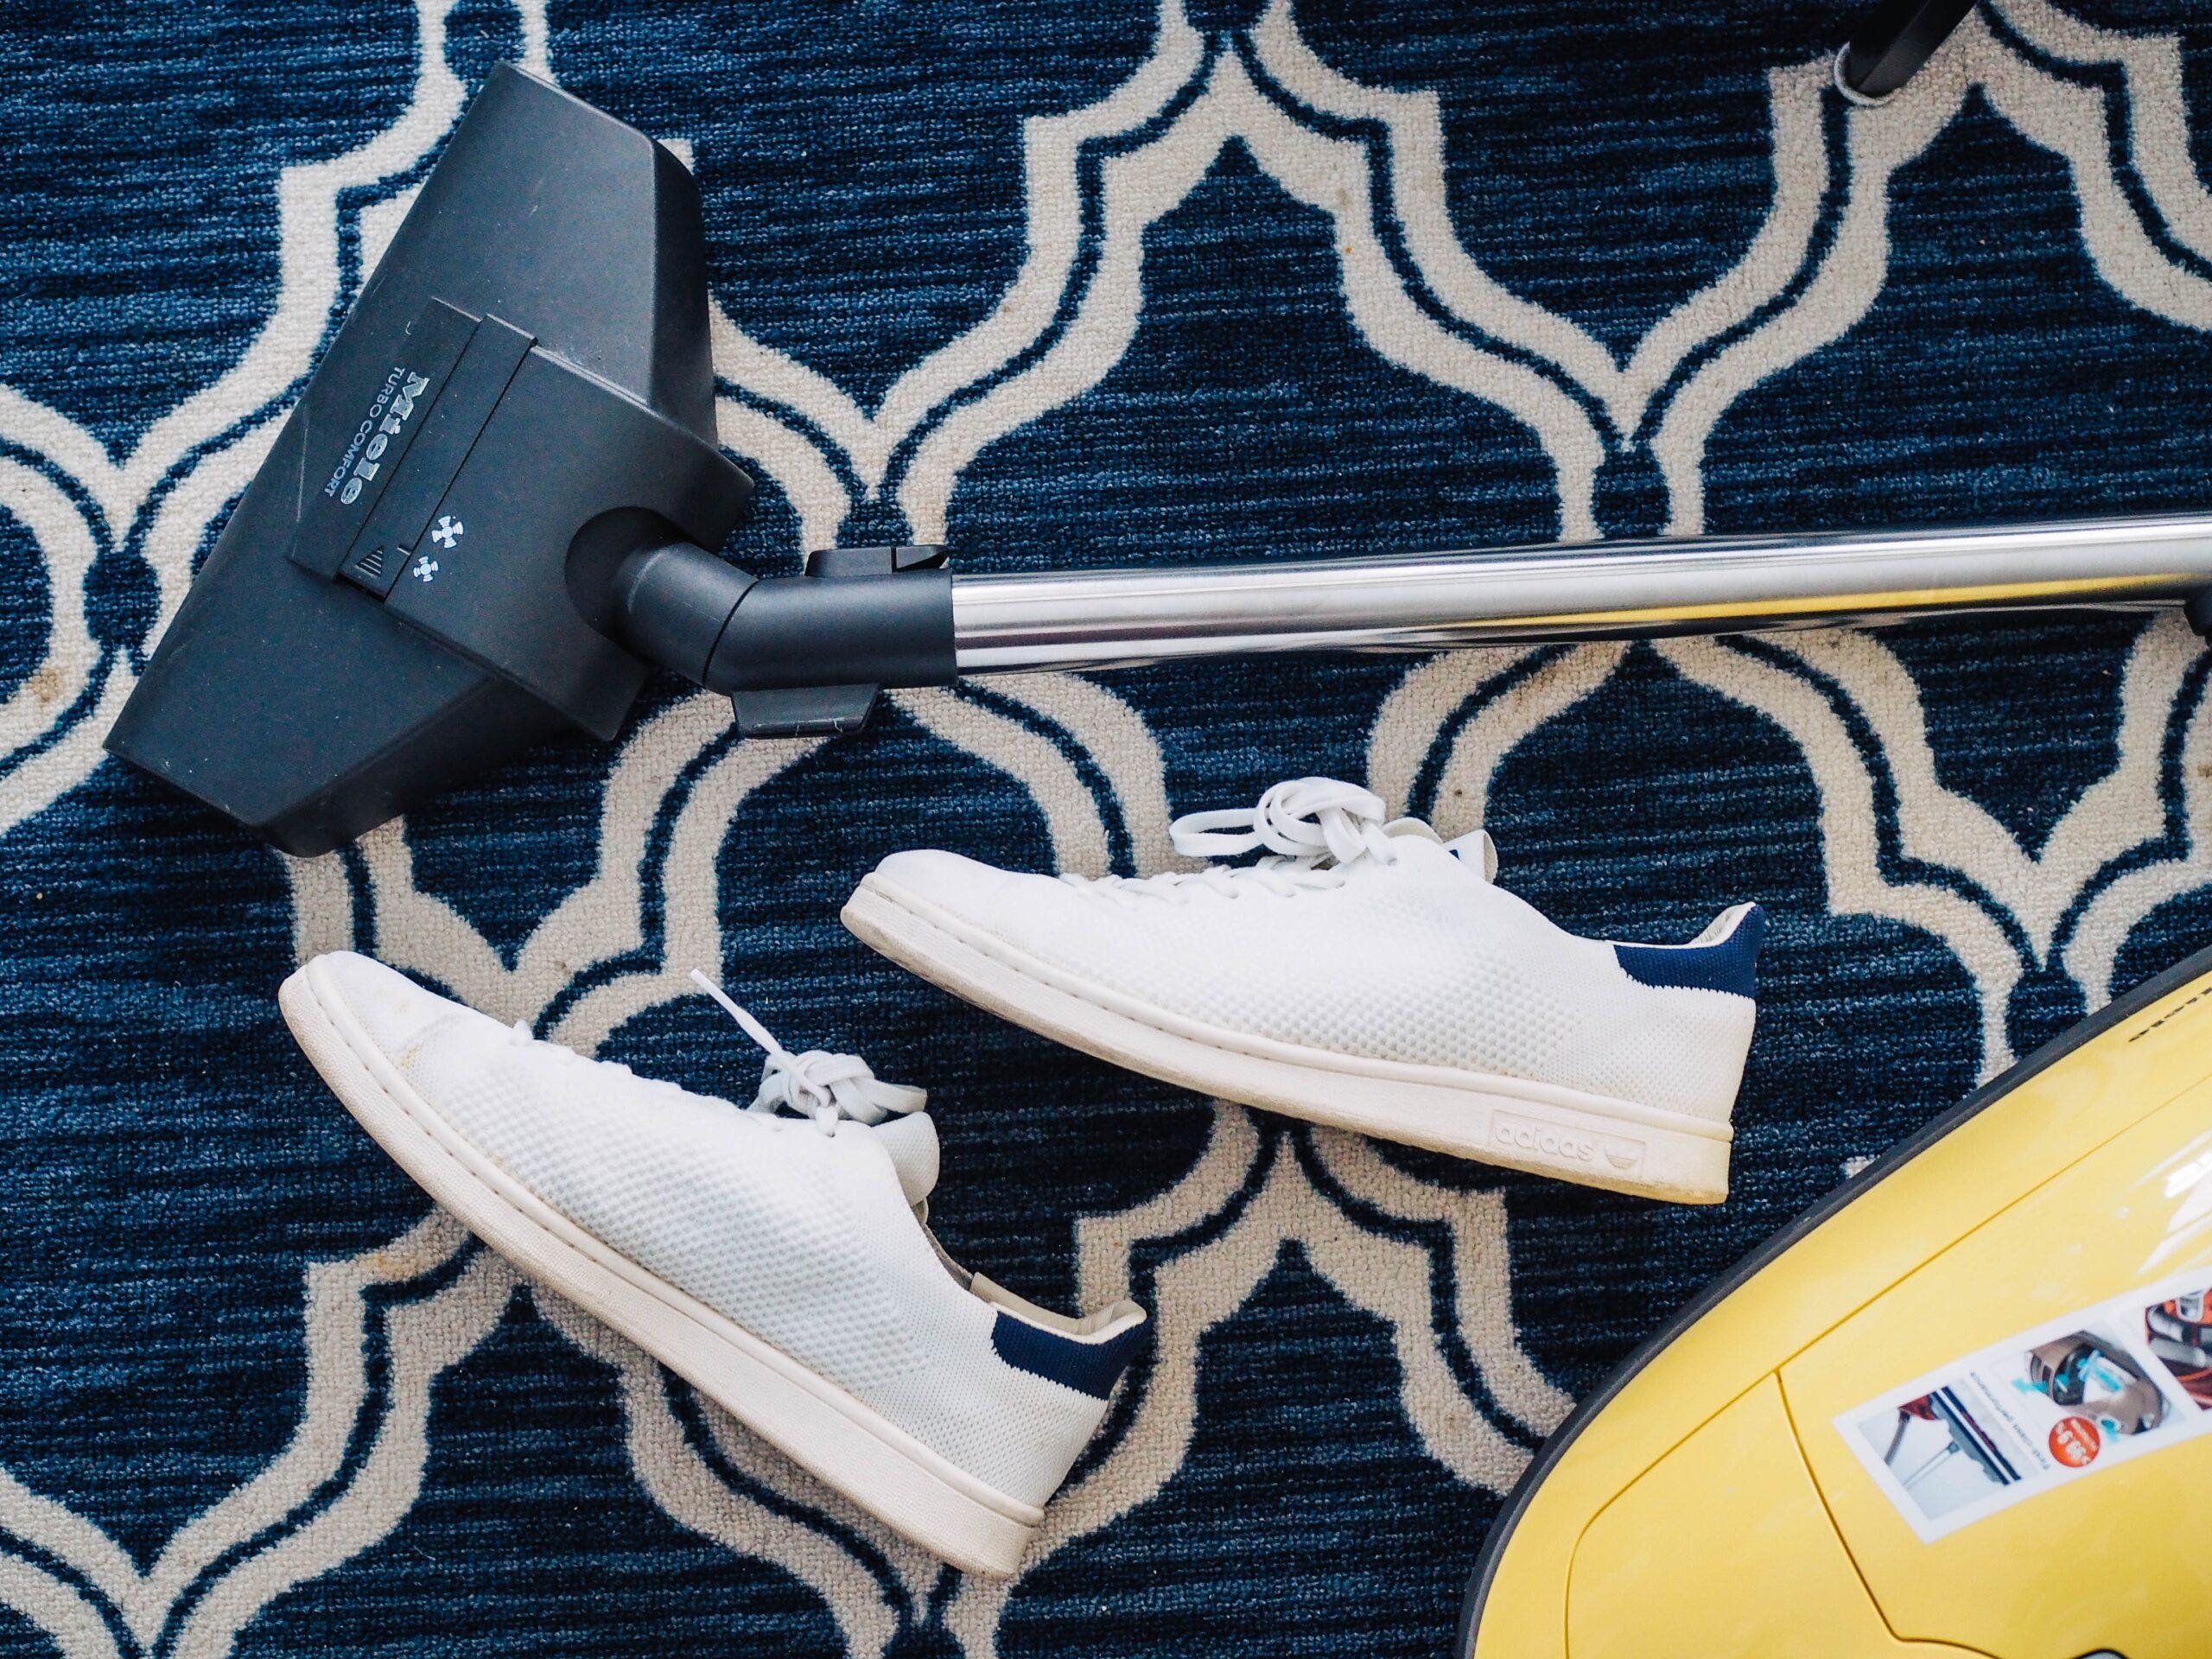 Vacuum cleaning home carpet